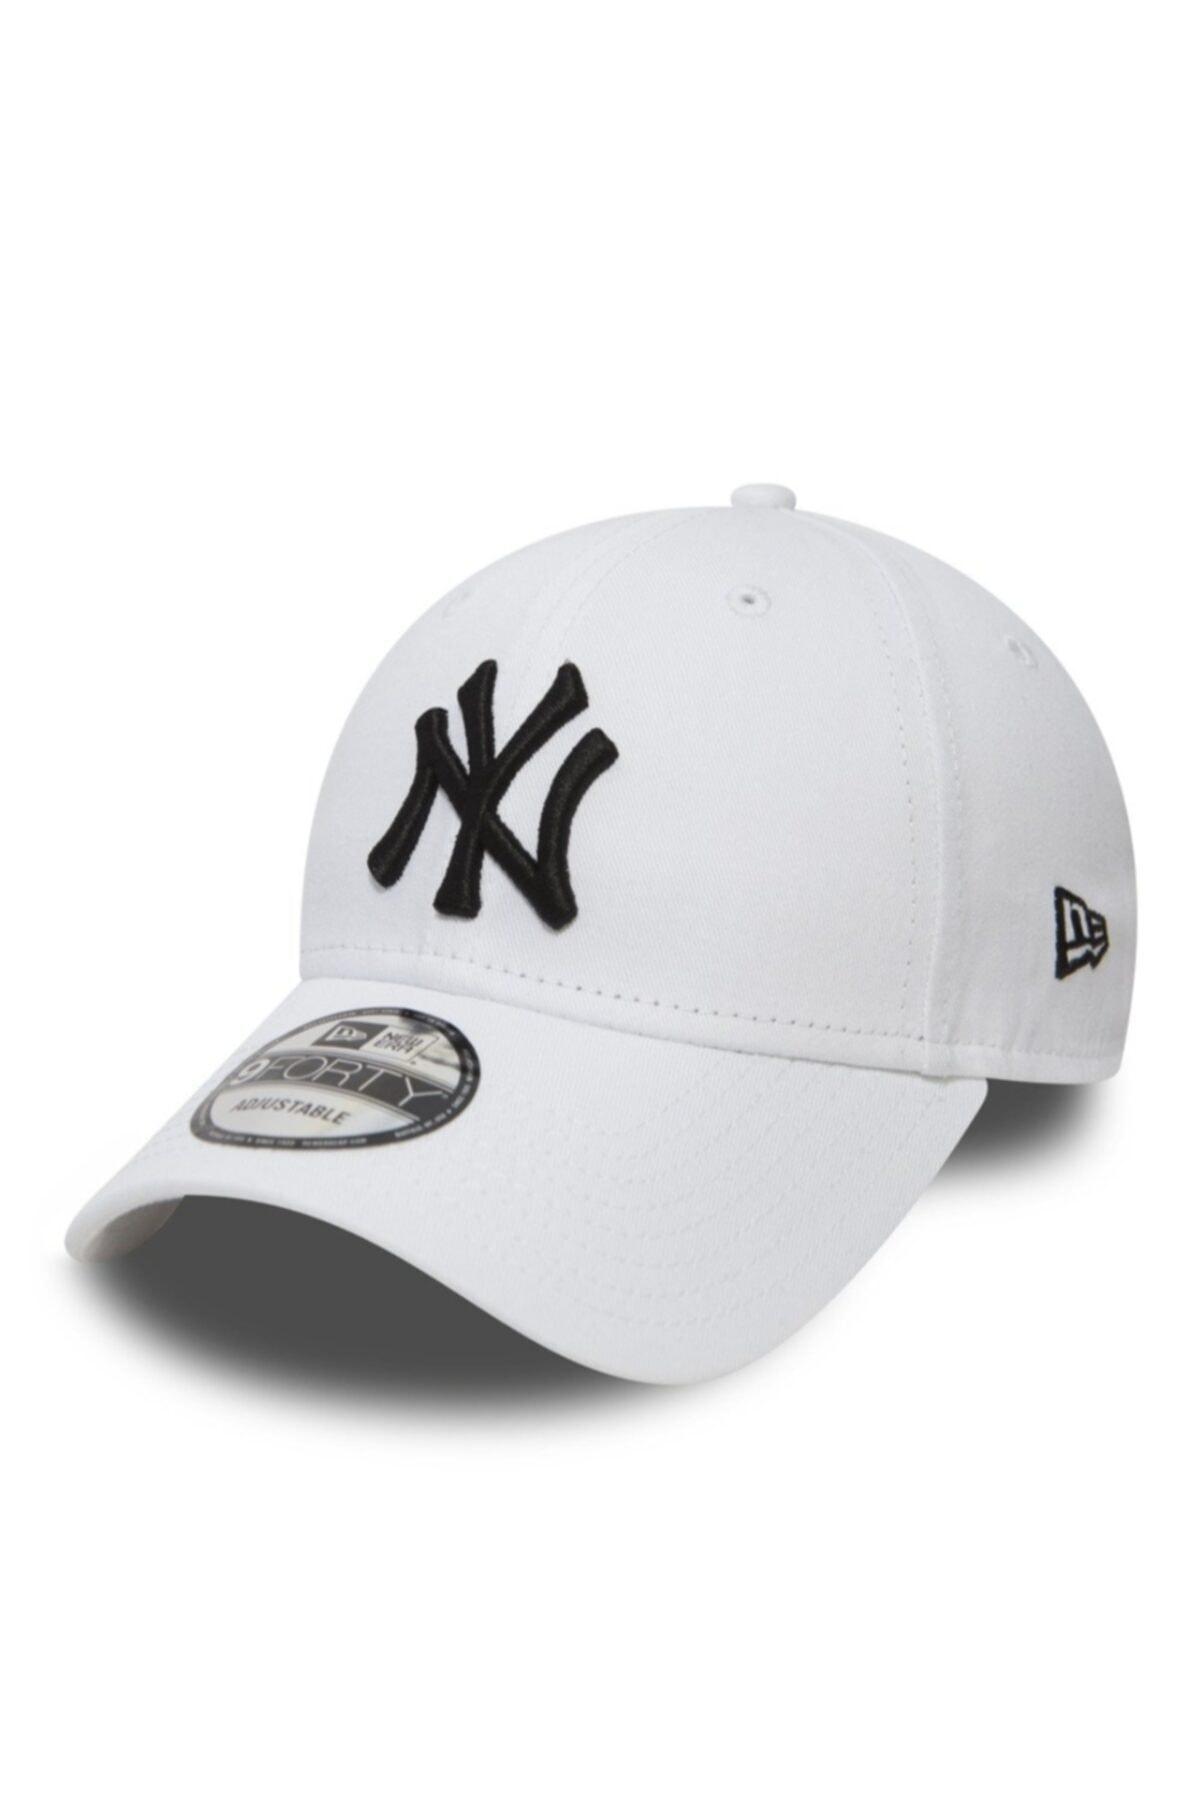 فروش پستی ست کلاه مردانه برند NEW ERA کد ty88421637